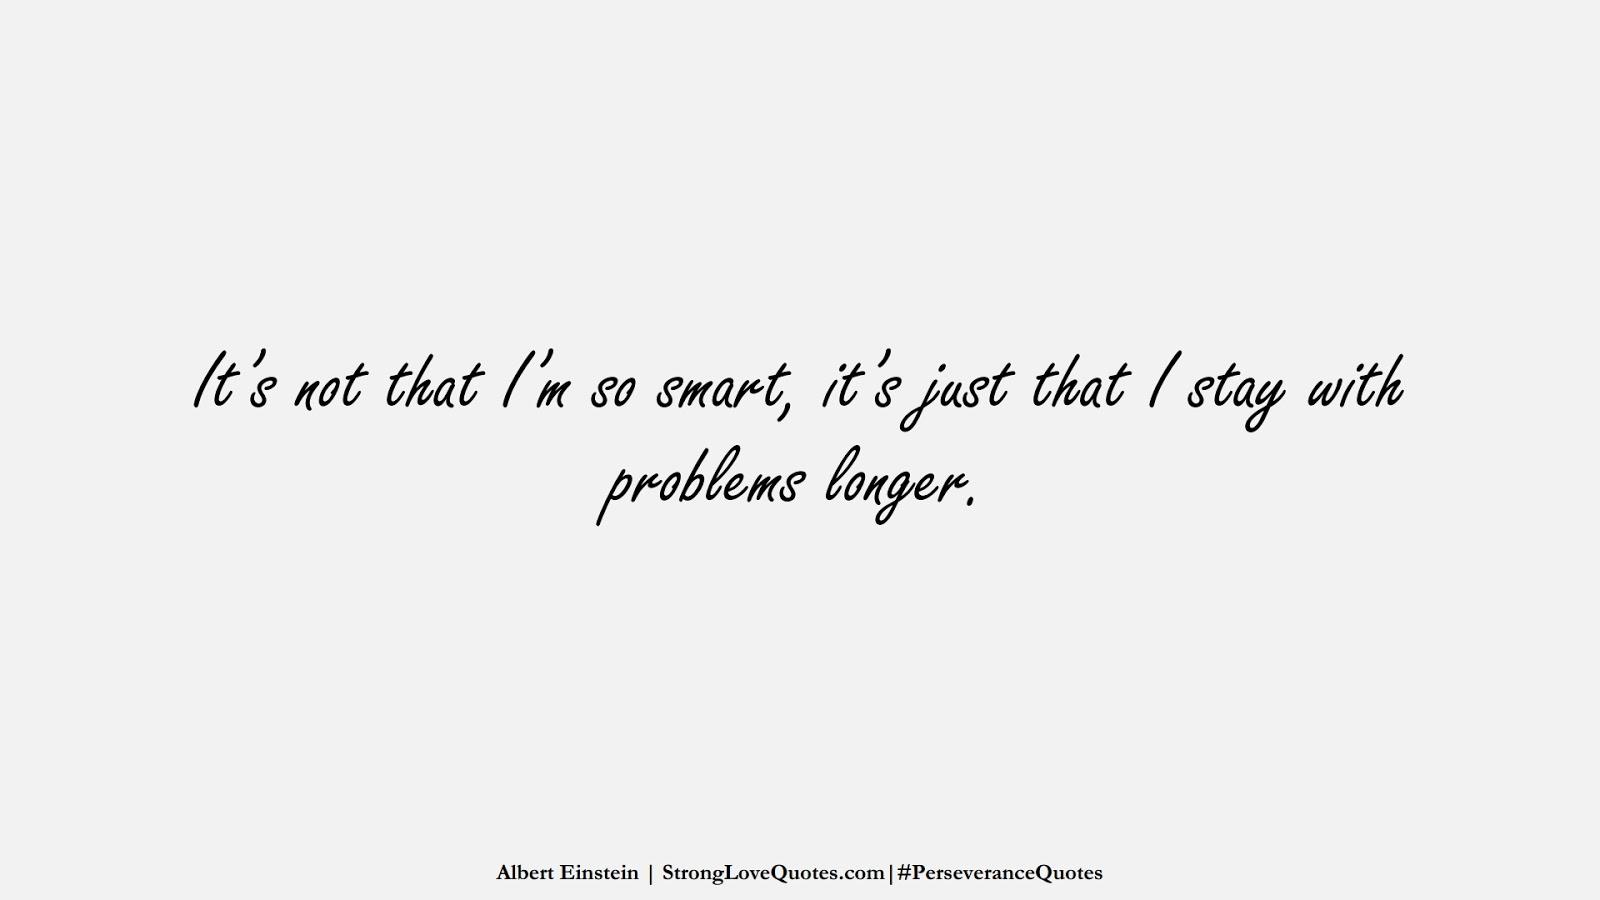 It's not that I'm so smart, it's just that I stay with problems longer. (Albert Einstein);  #PerseveranceQuotes